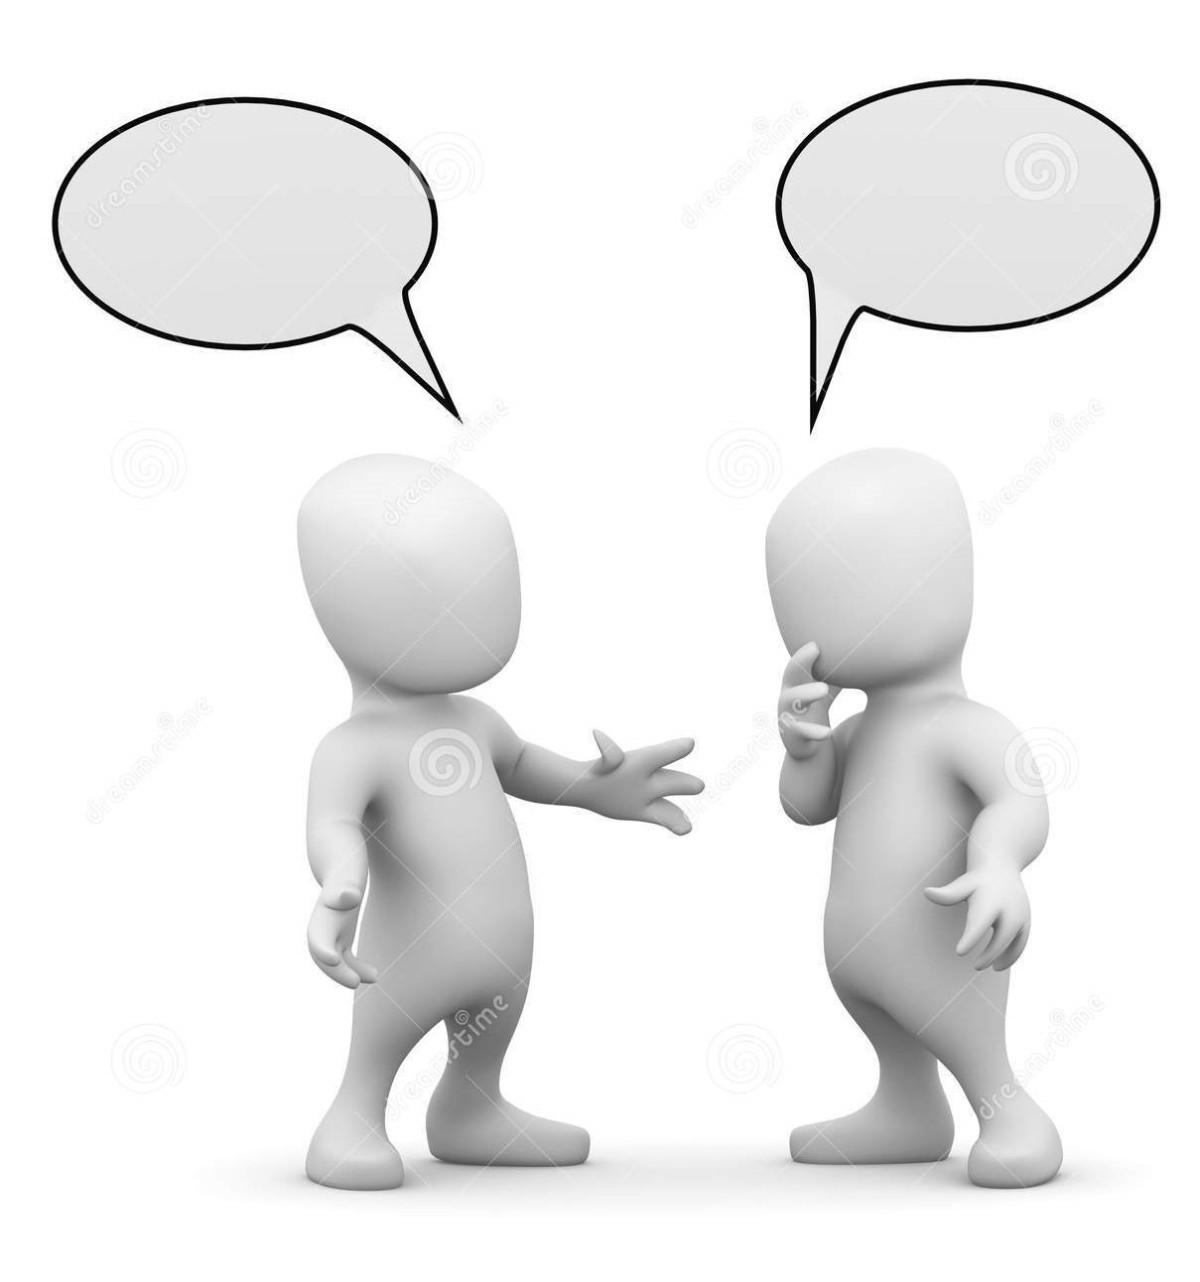 comunicare-interpersonala